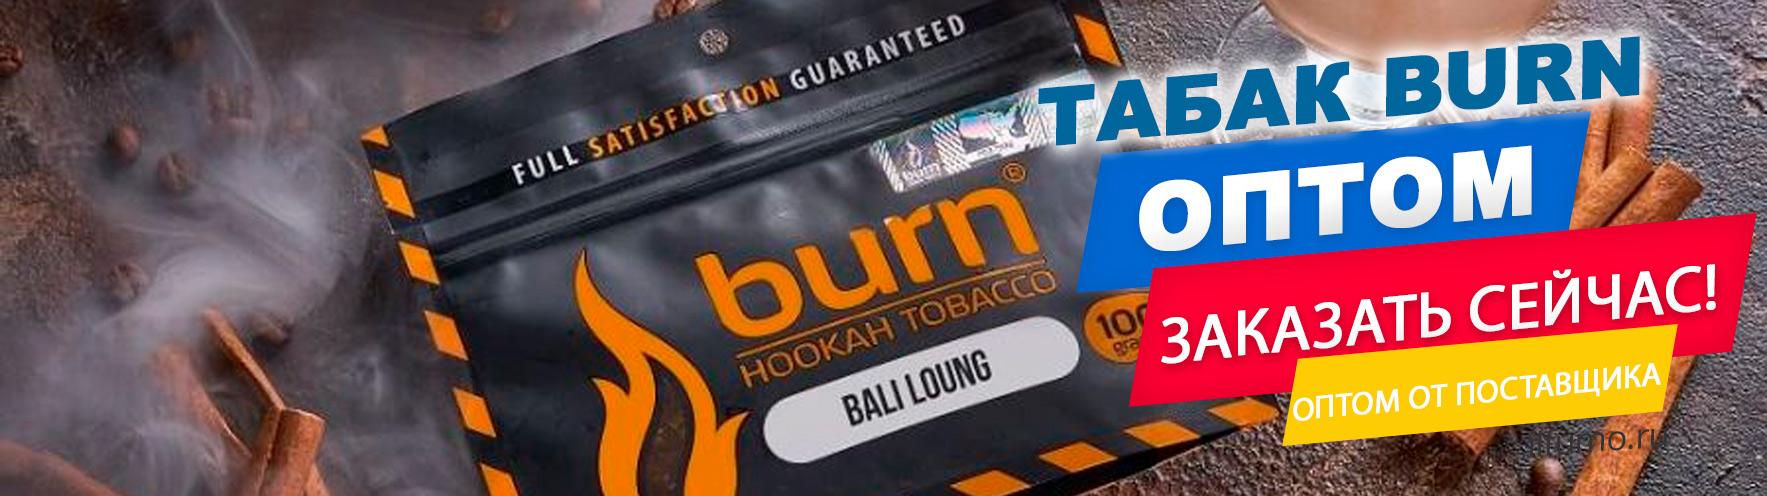 купить табак берн оптом